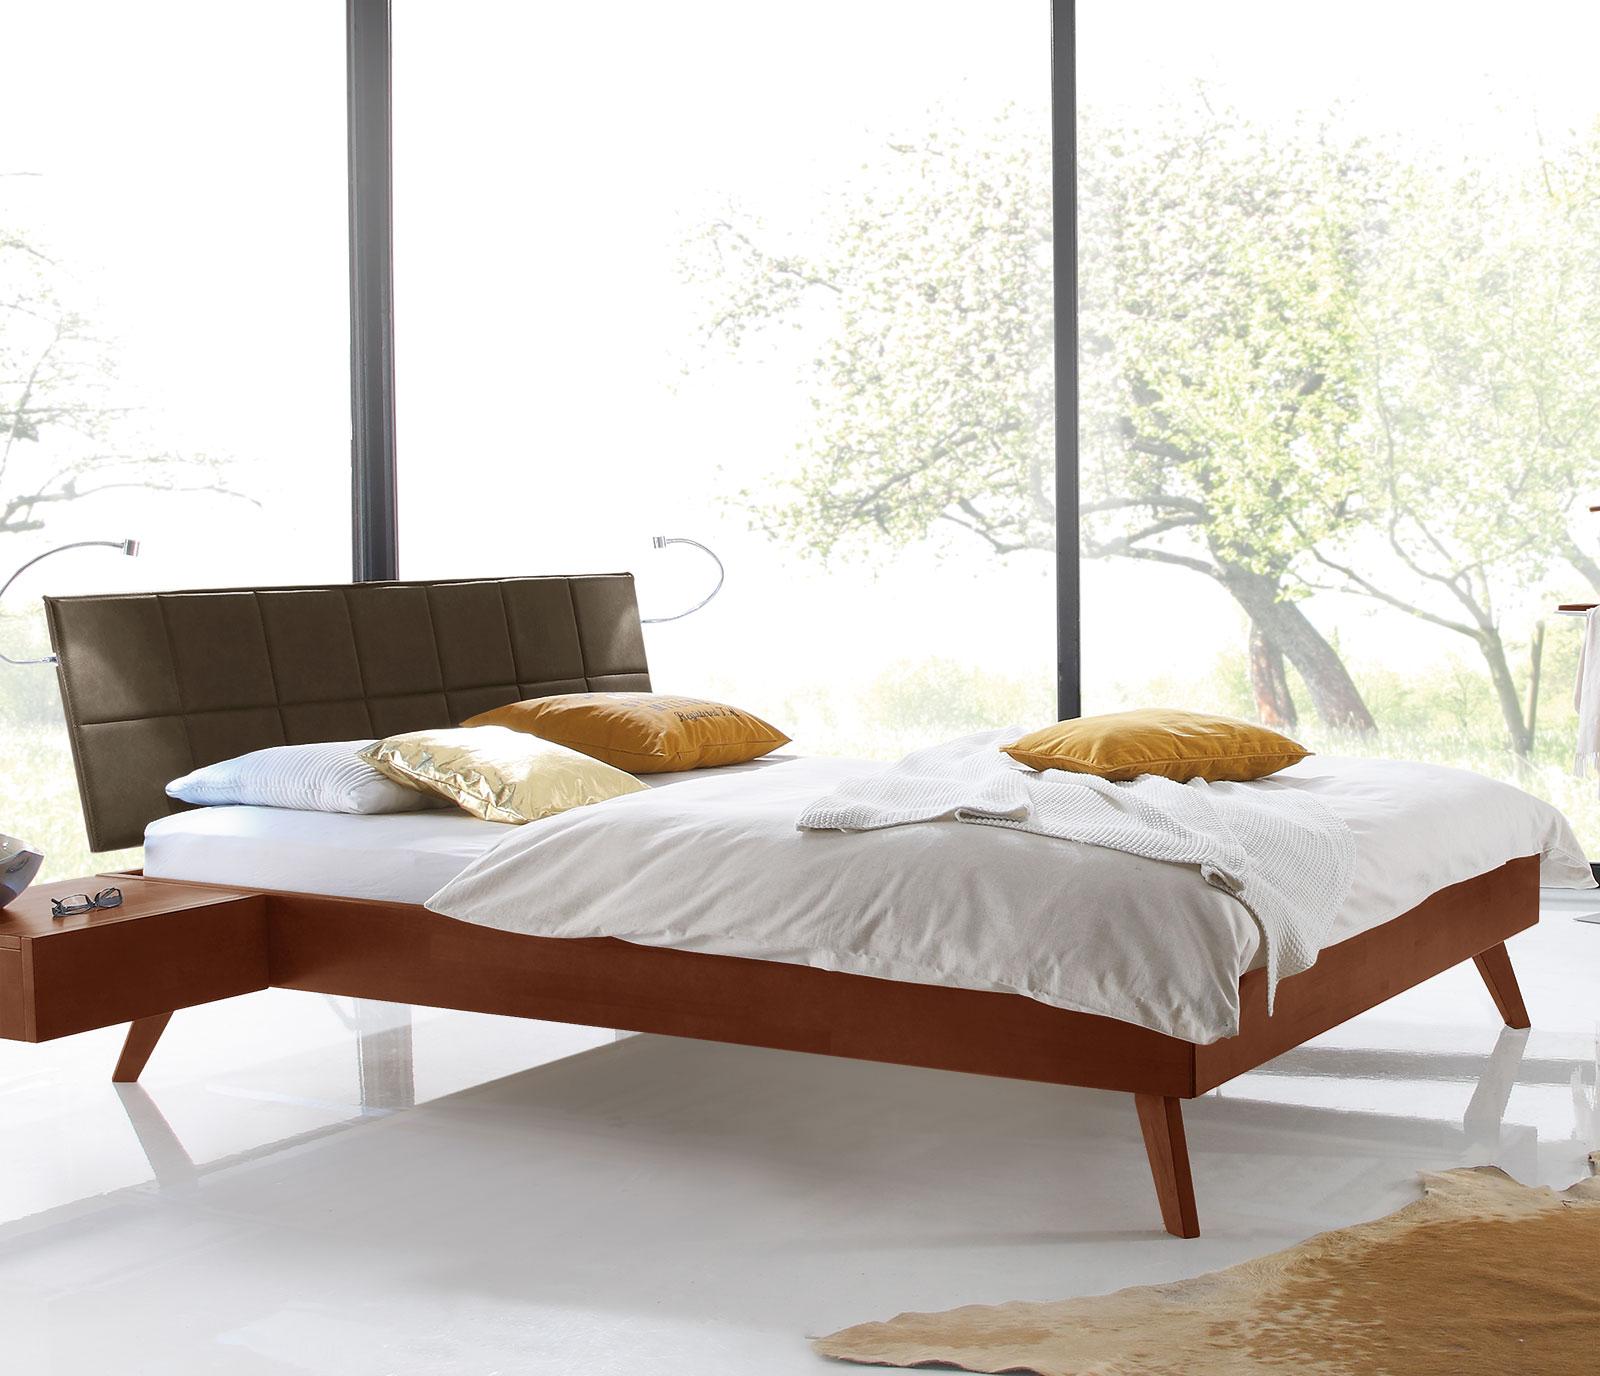 Full Size of Skandinavisches Designbett Aus Buche Massiv Andros Betten Weiß Trends Massivholz Kaufen Amerikanische Schlafzimmer Amazon Somnus Luxus Bett Ruf Poco Bett Luxus Betten